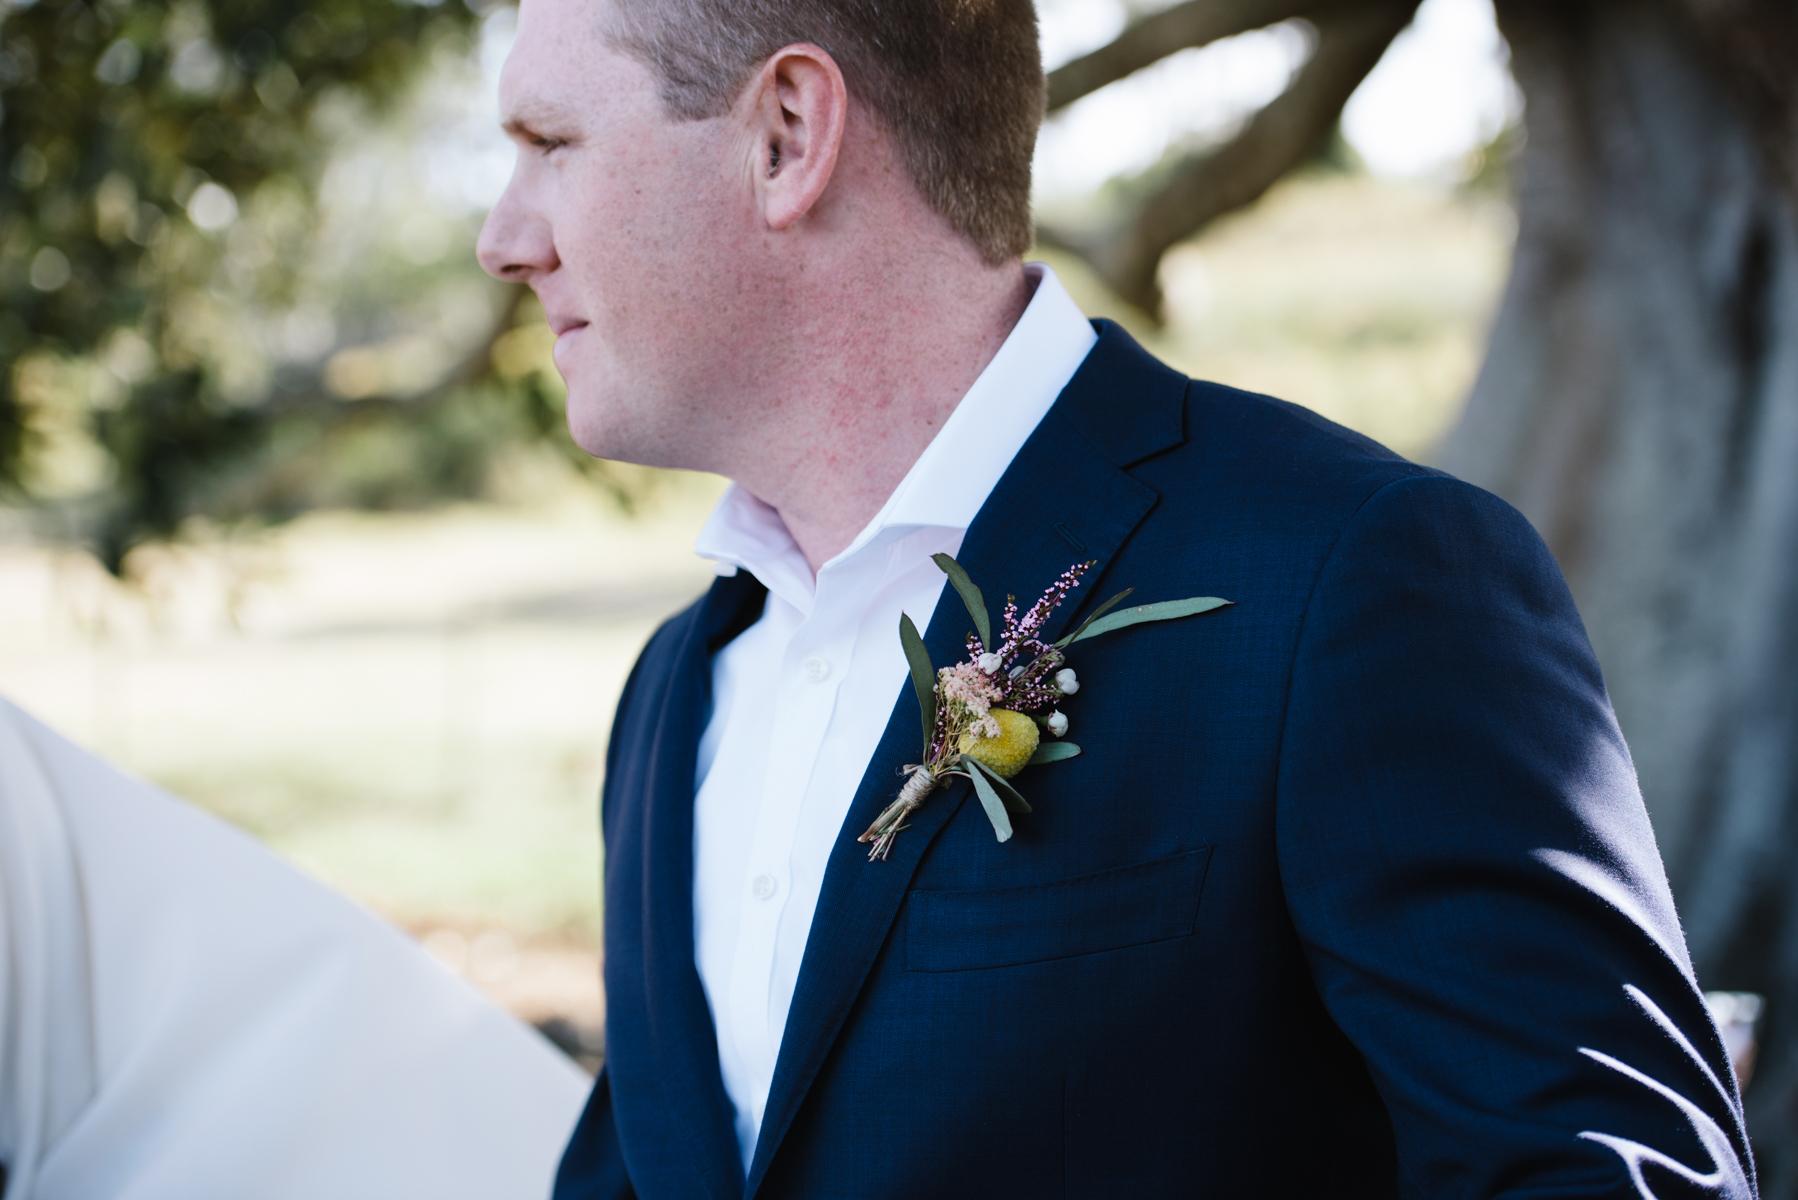 sarahandBenwedding- skyla sage photography weddings, families, byron bay,tweed coast,kingscliff,cabarita,gold coast-335.jpg